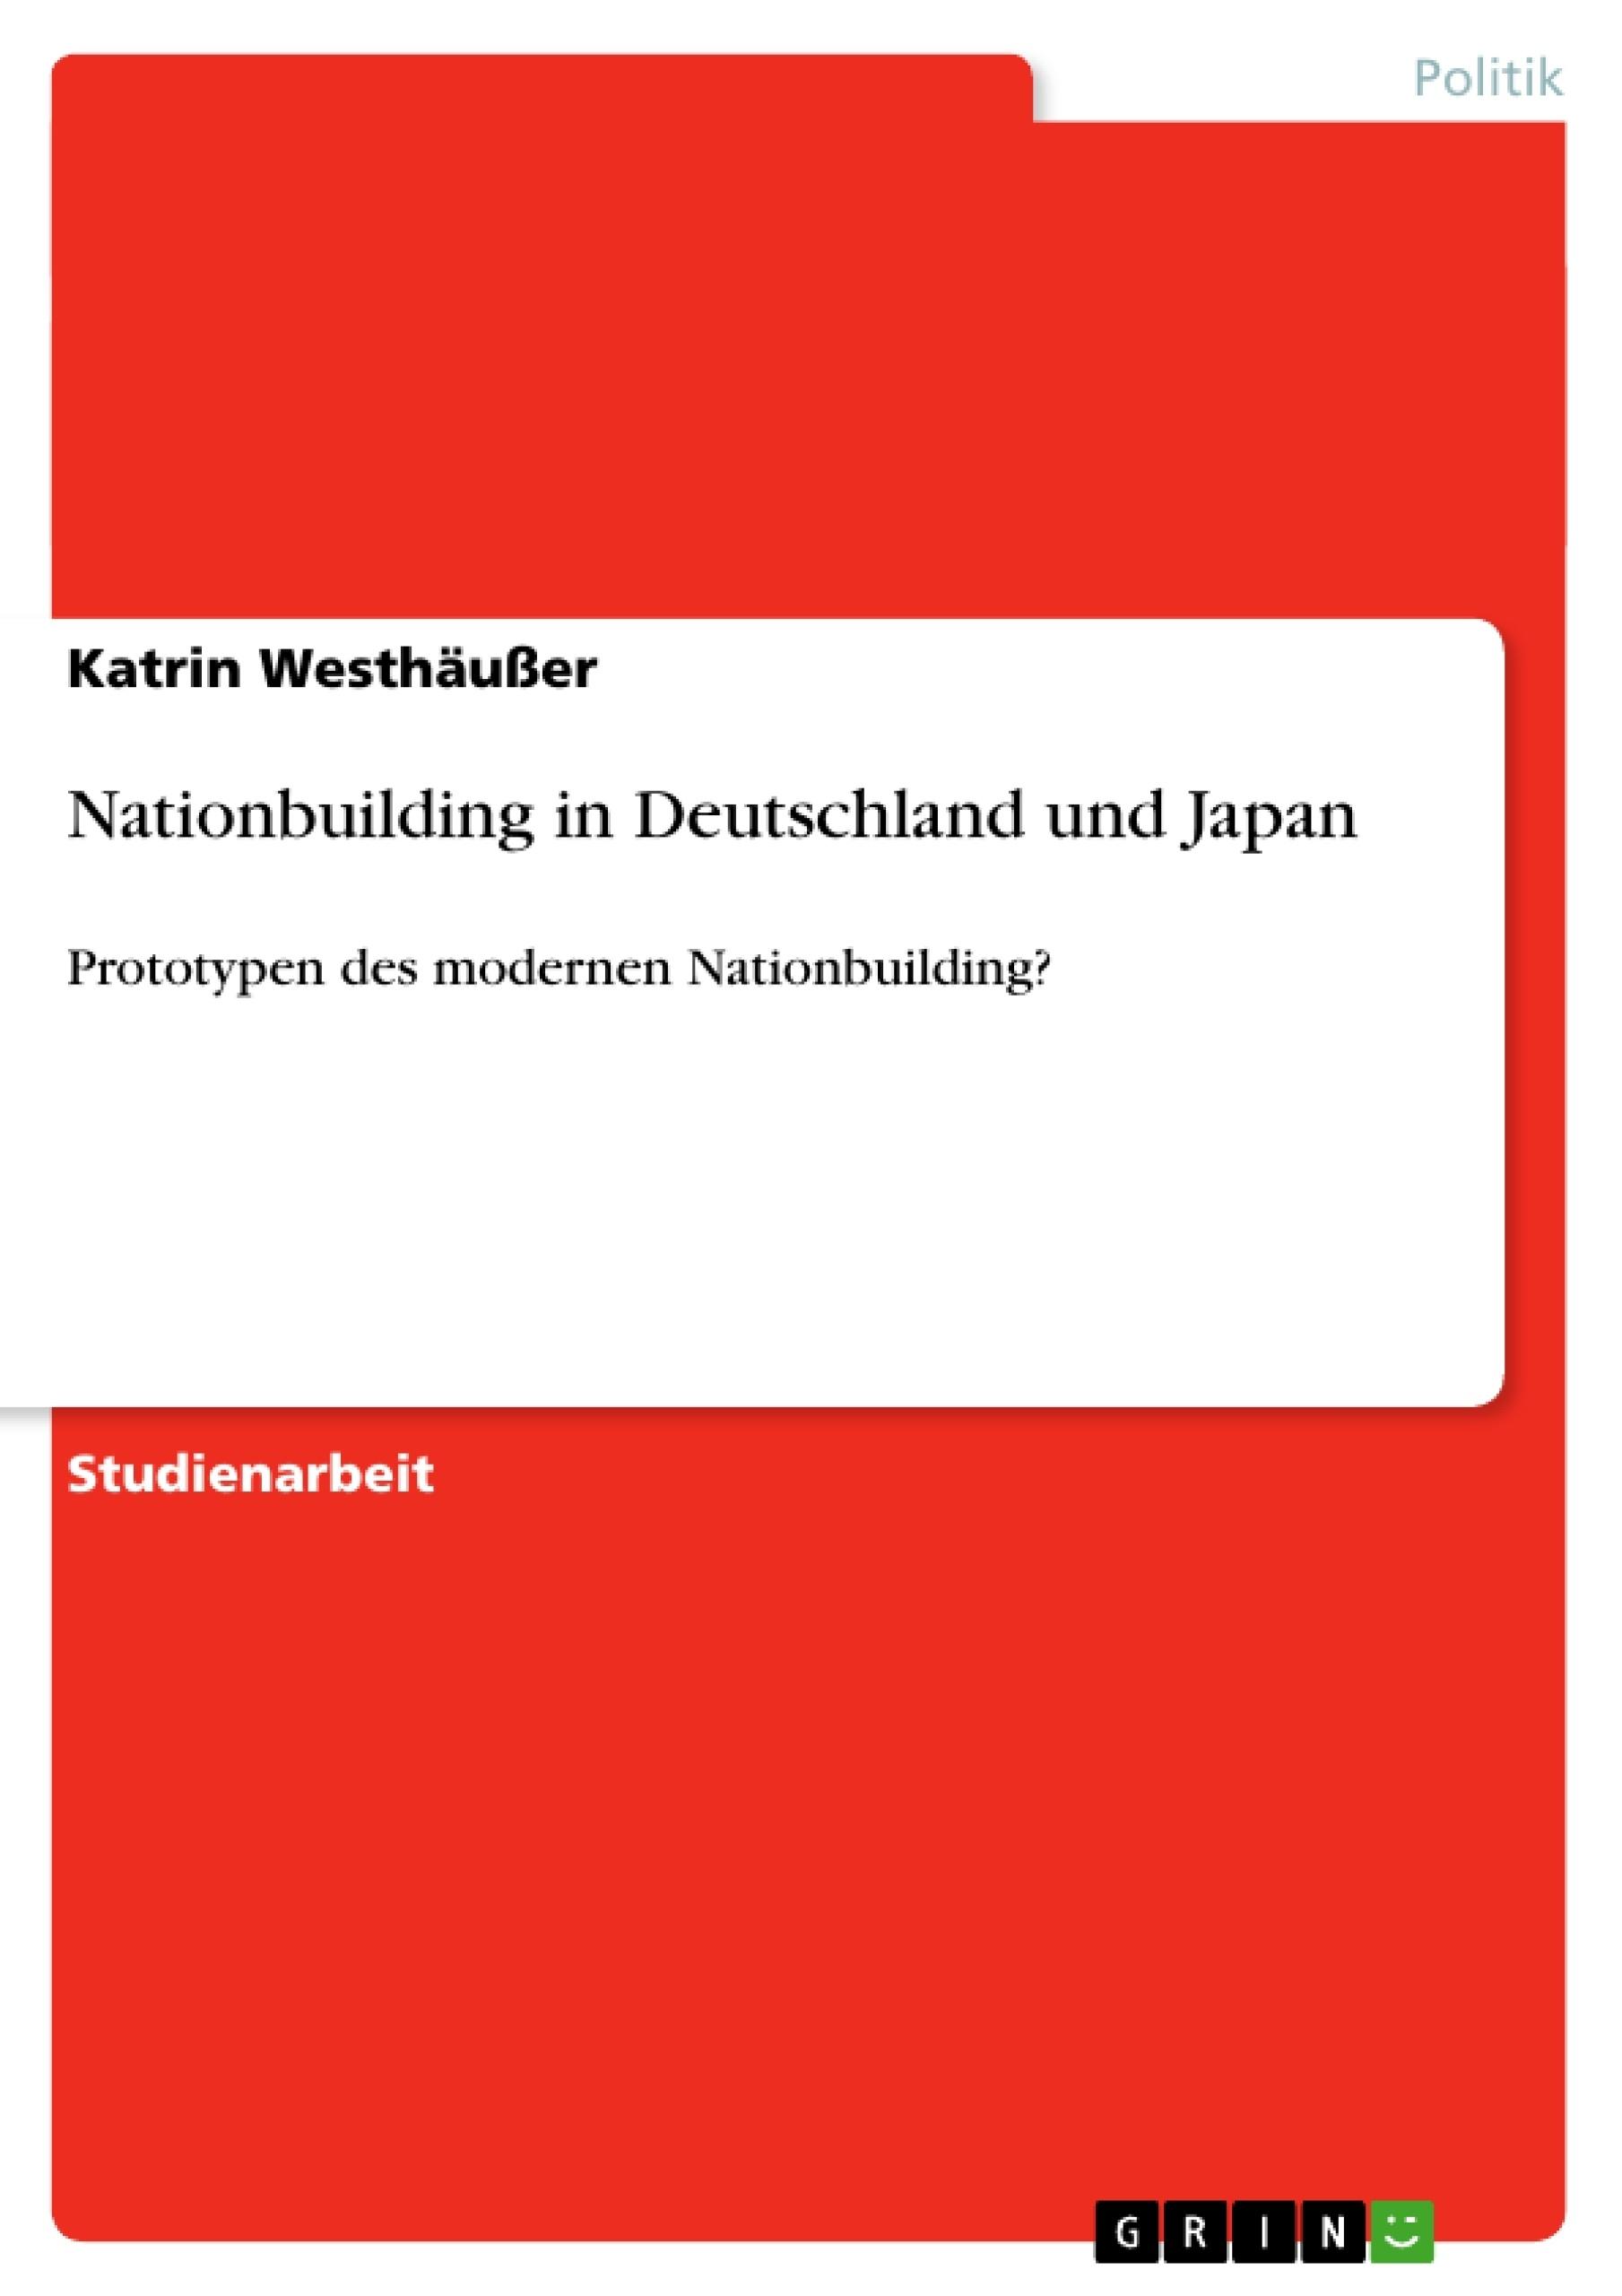 Titel: Nationbuilding in Deutschland und Japan